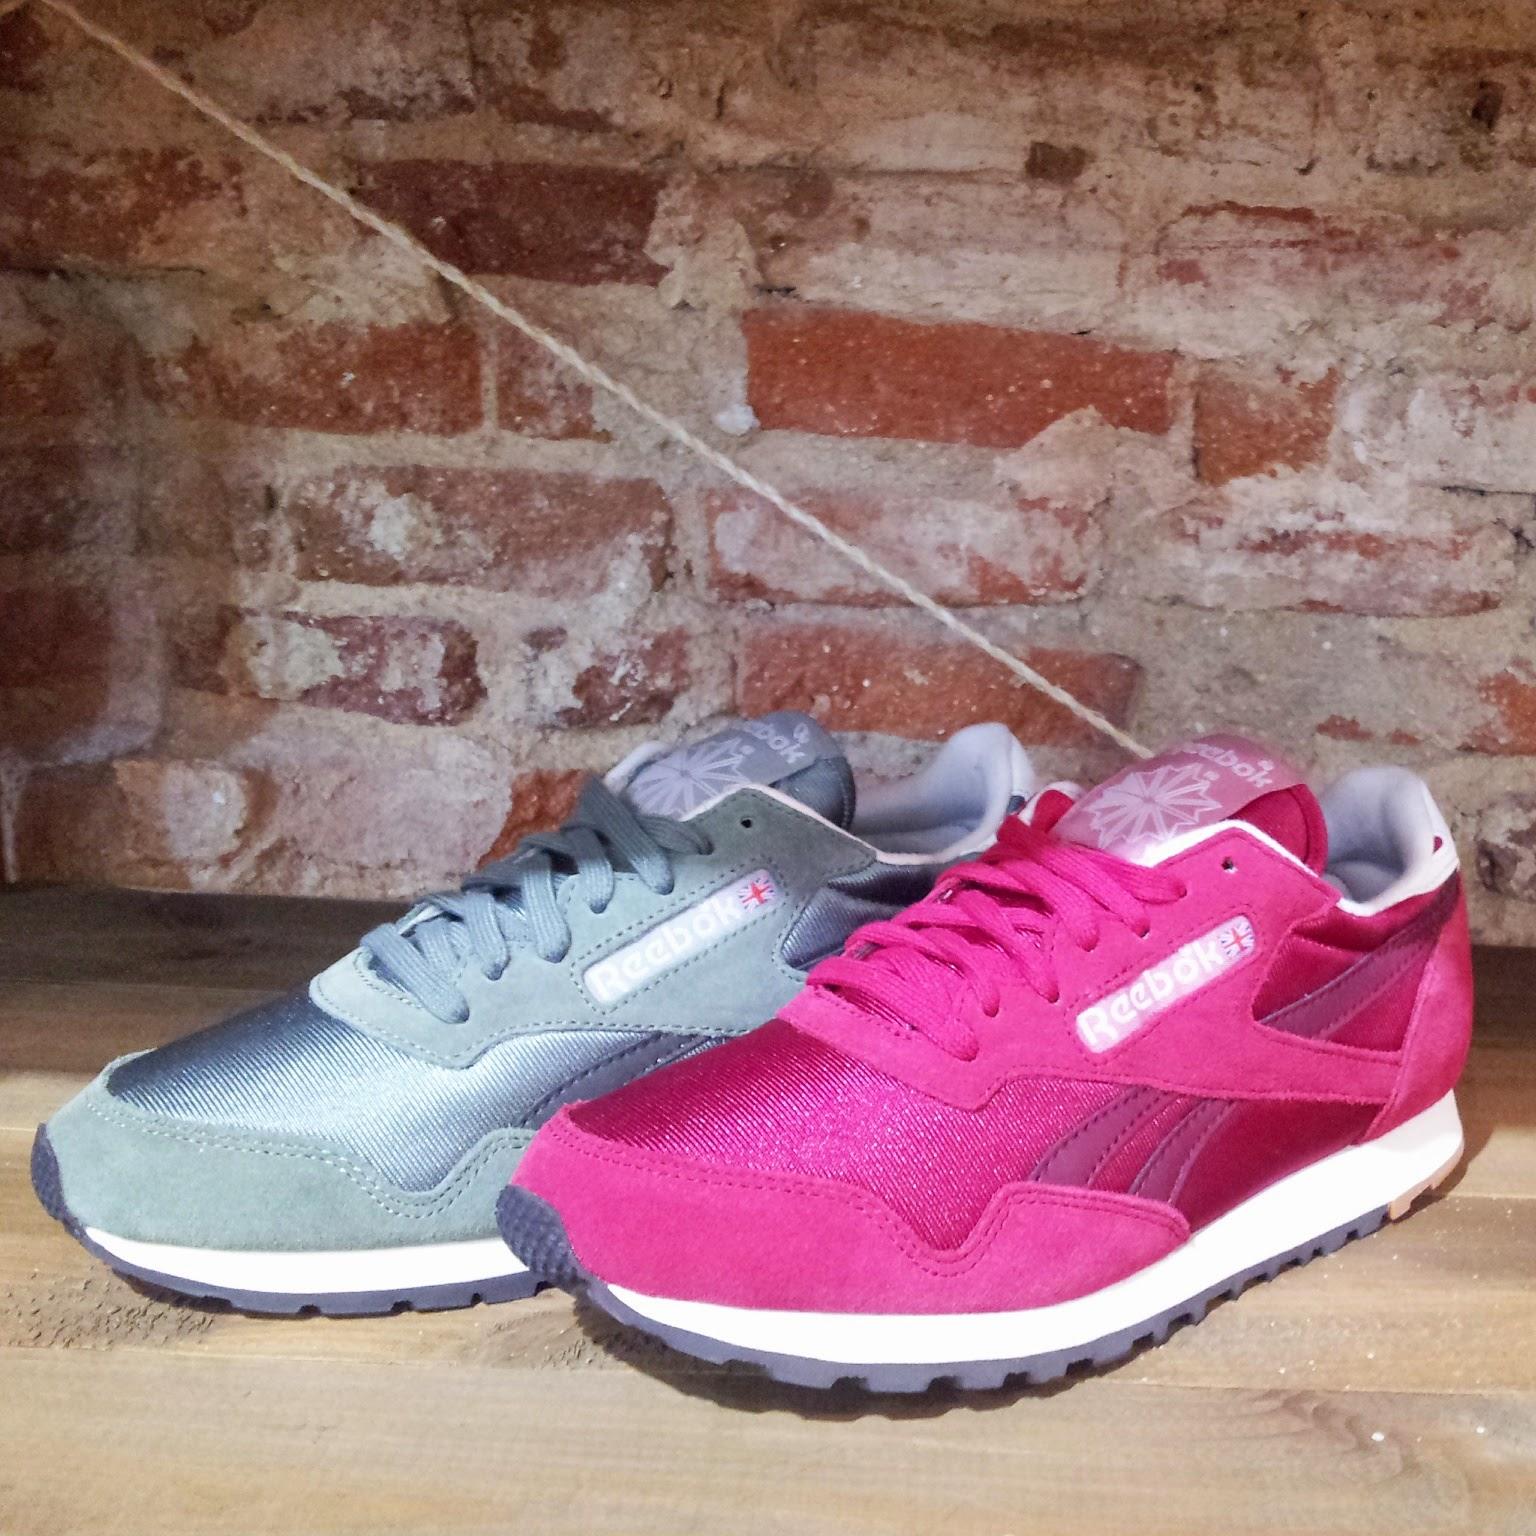 Reebok Shoes Cheap Online Reviews